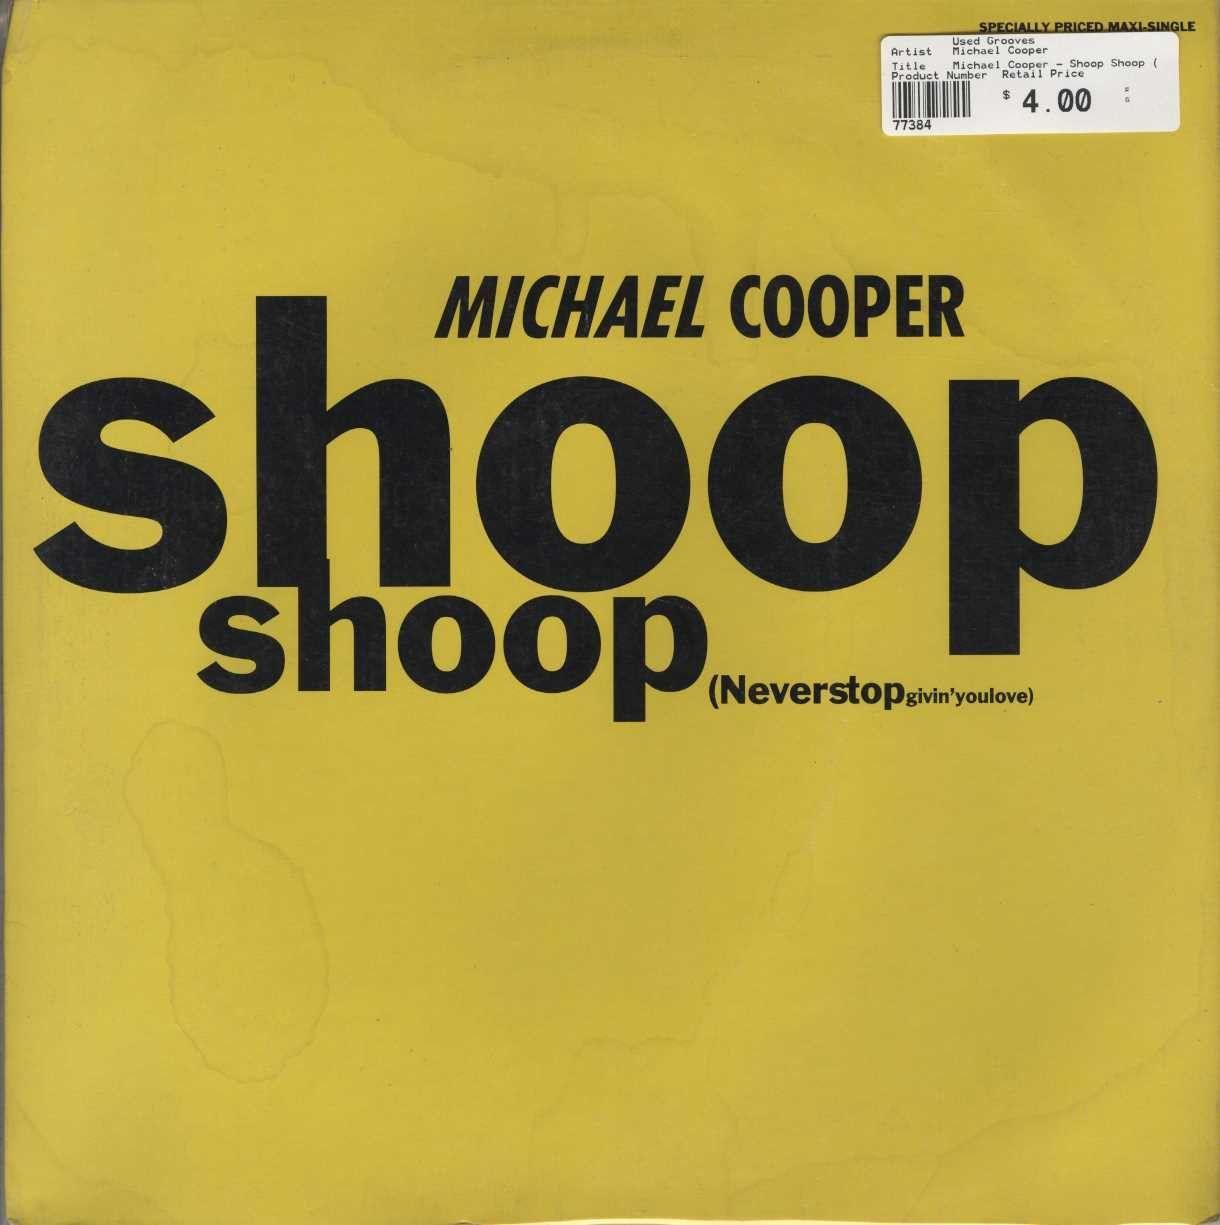 Michael Cooper - Shoop Shoop (Never Stop Givin' You Love)